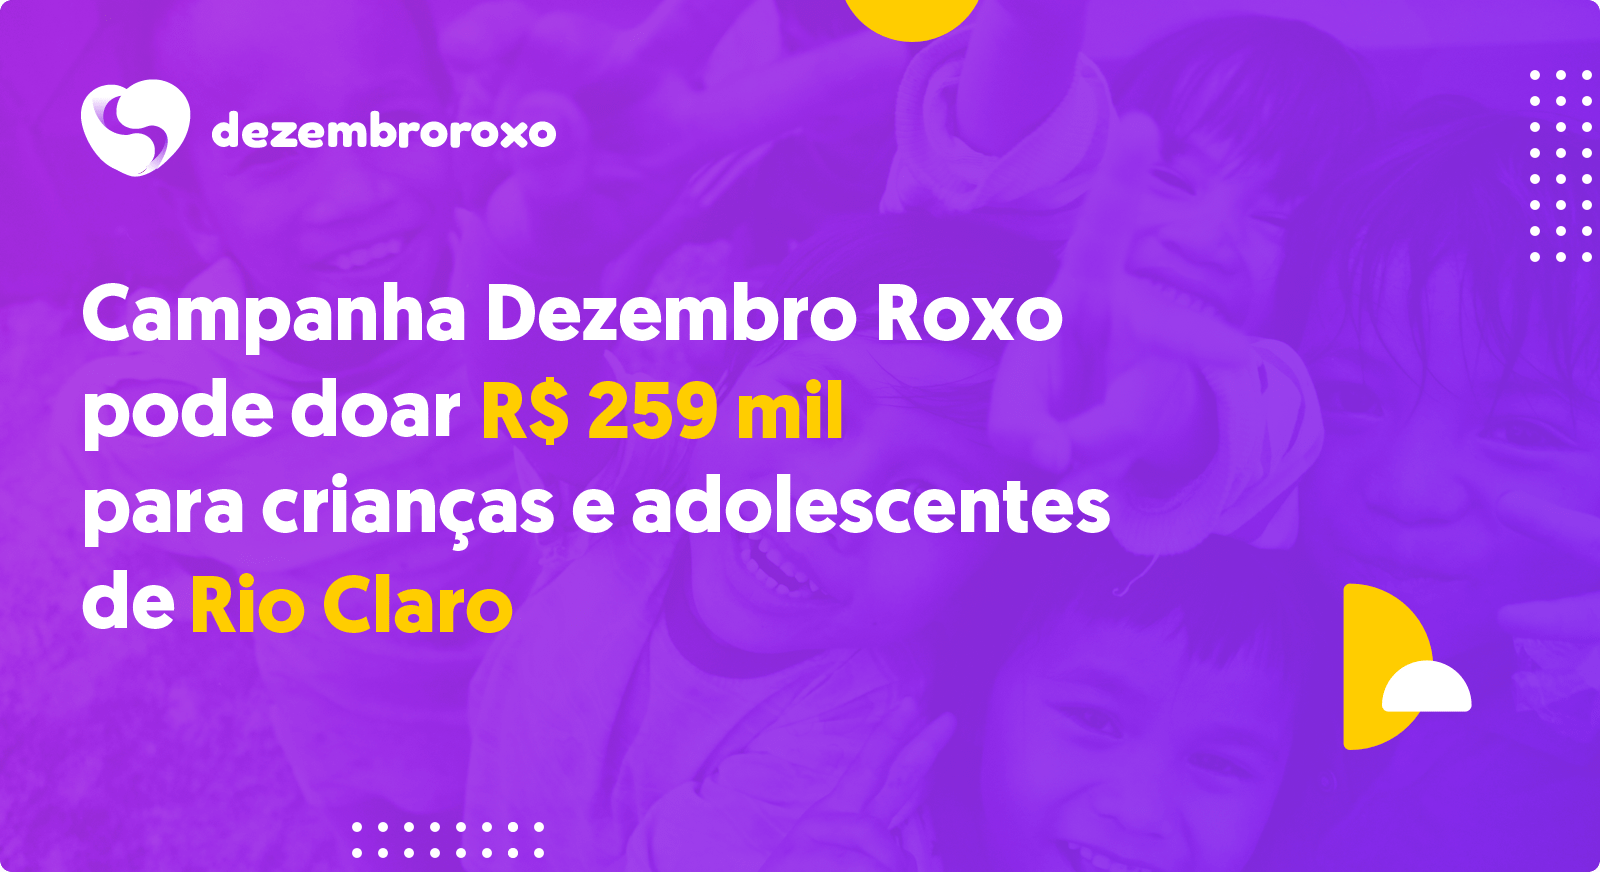 Doações em Rio Claro - RJ